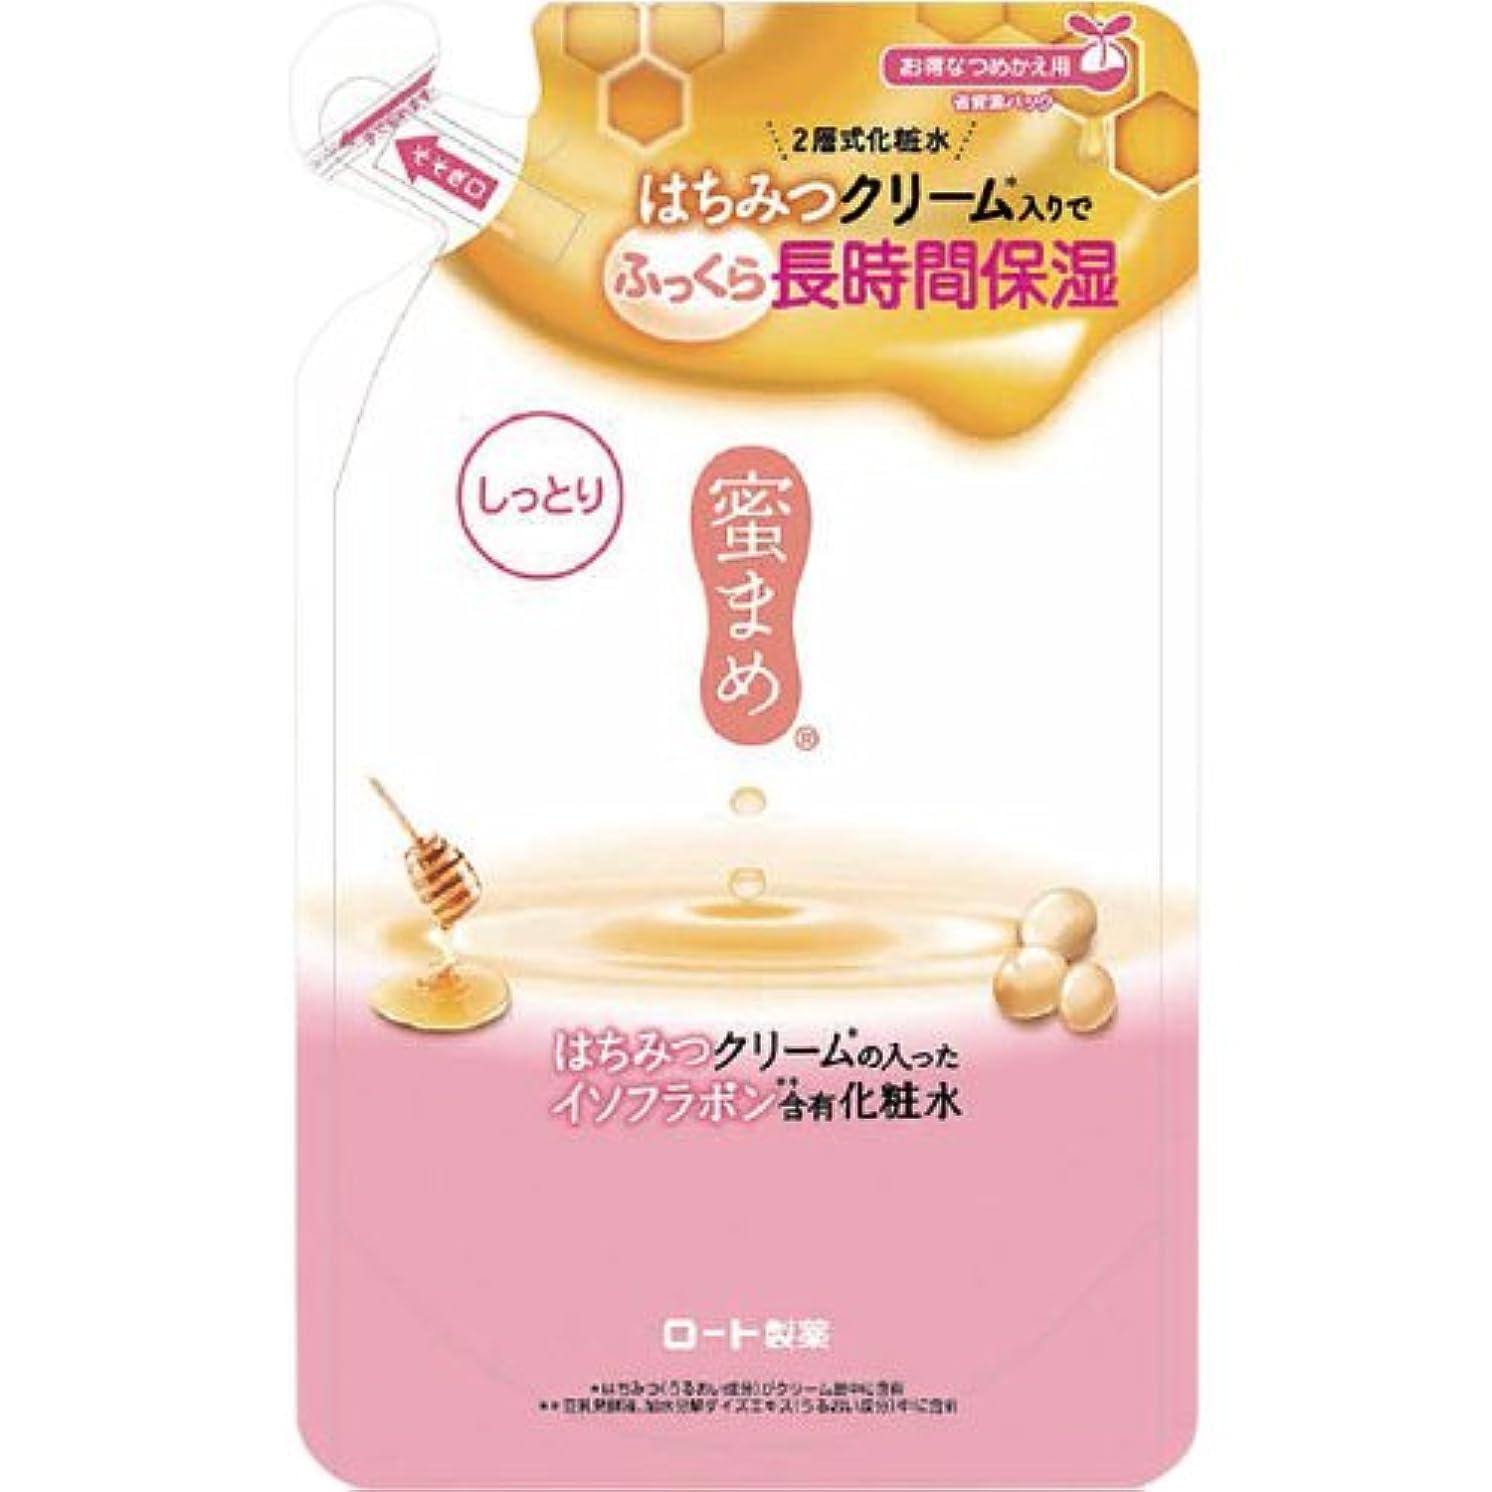 チャーミング報復する清める蜜まめ 合わせ化粧水 (しっとり) (つめかえ用) 180mL